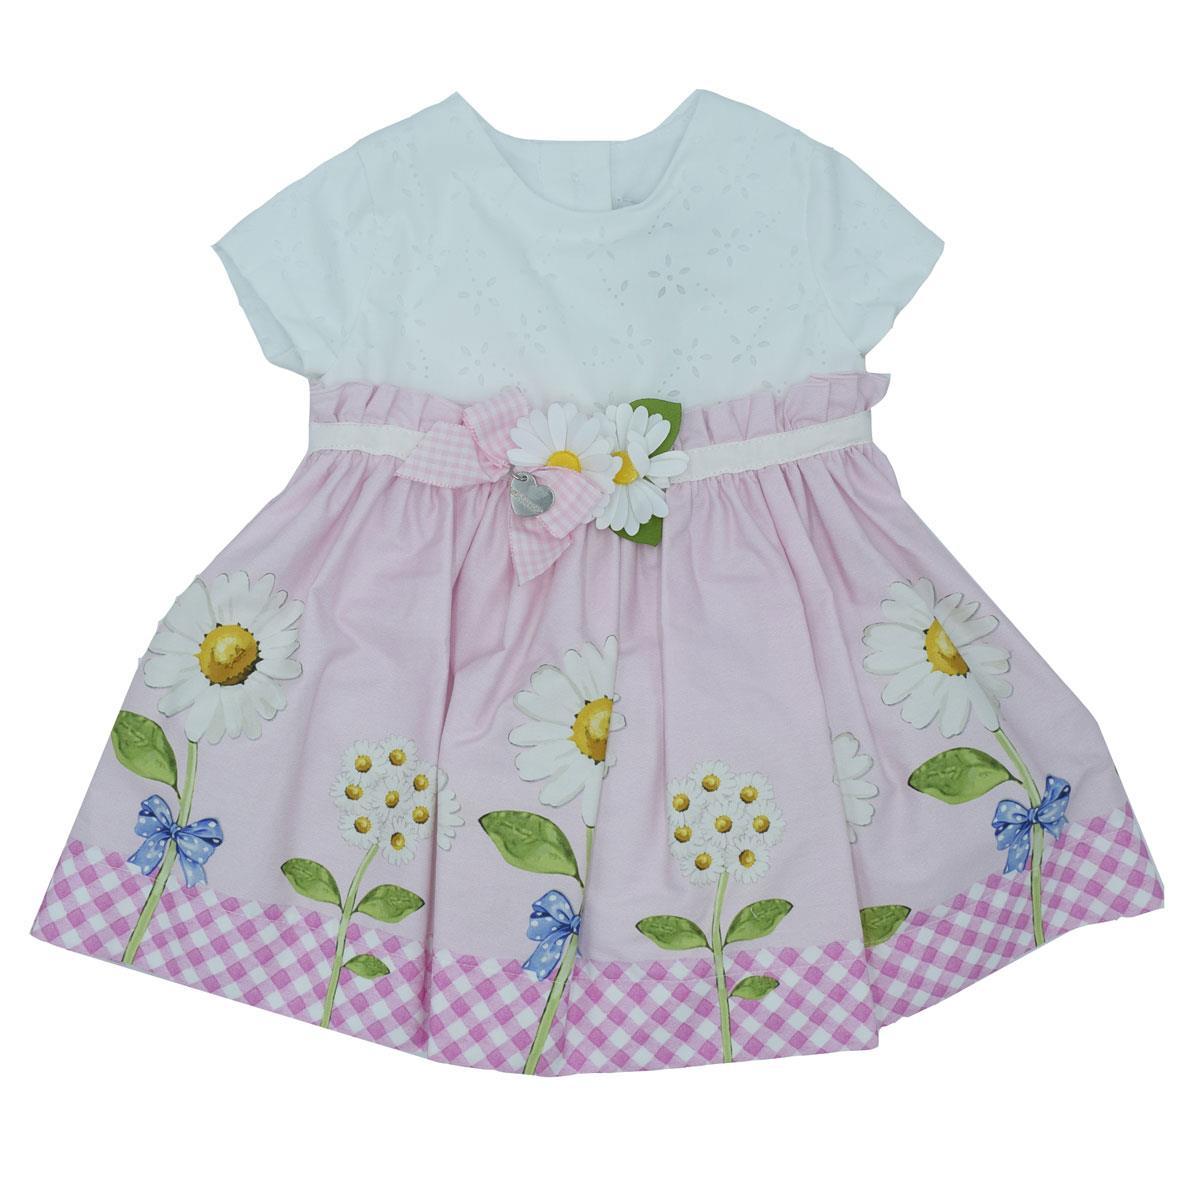 finest selection 674dd e1c4e Monnalisa Neonata Vestito Rosa Stampa Margherite.